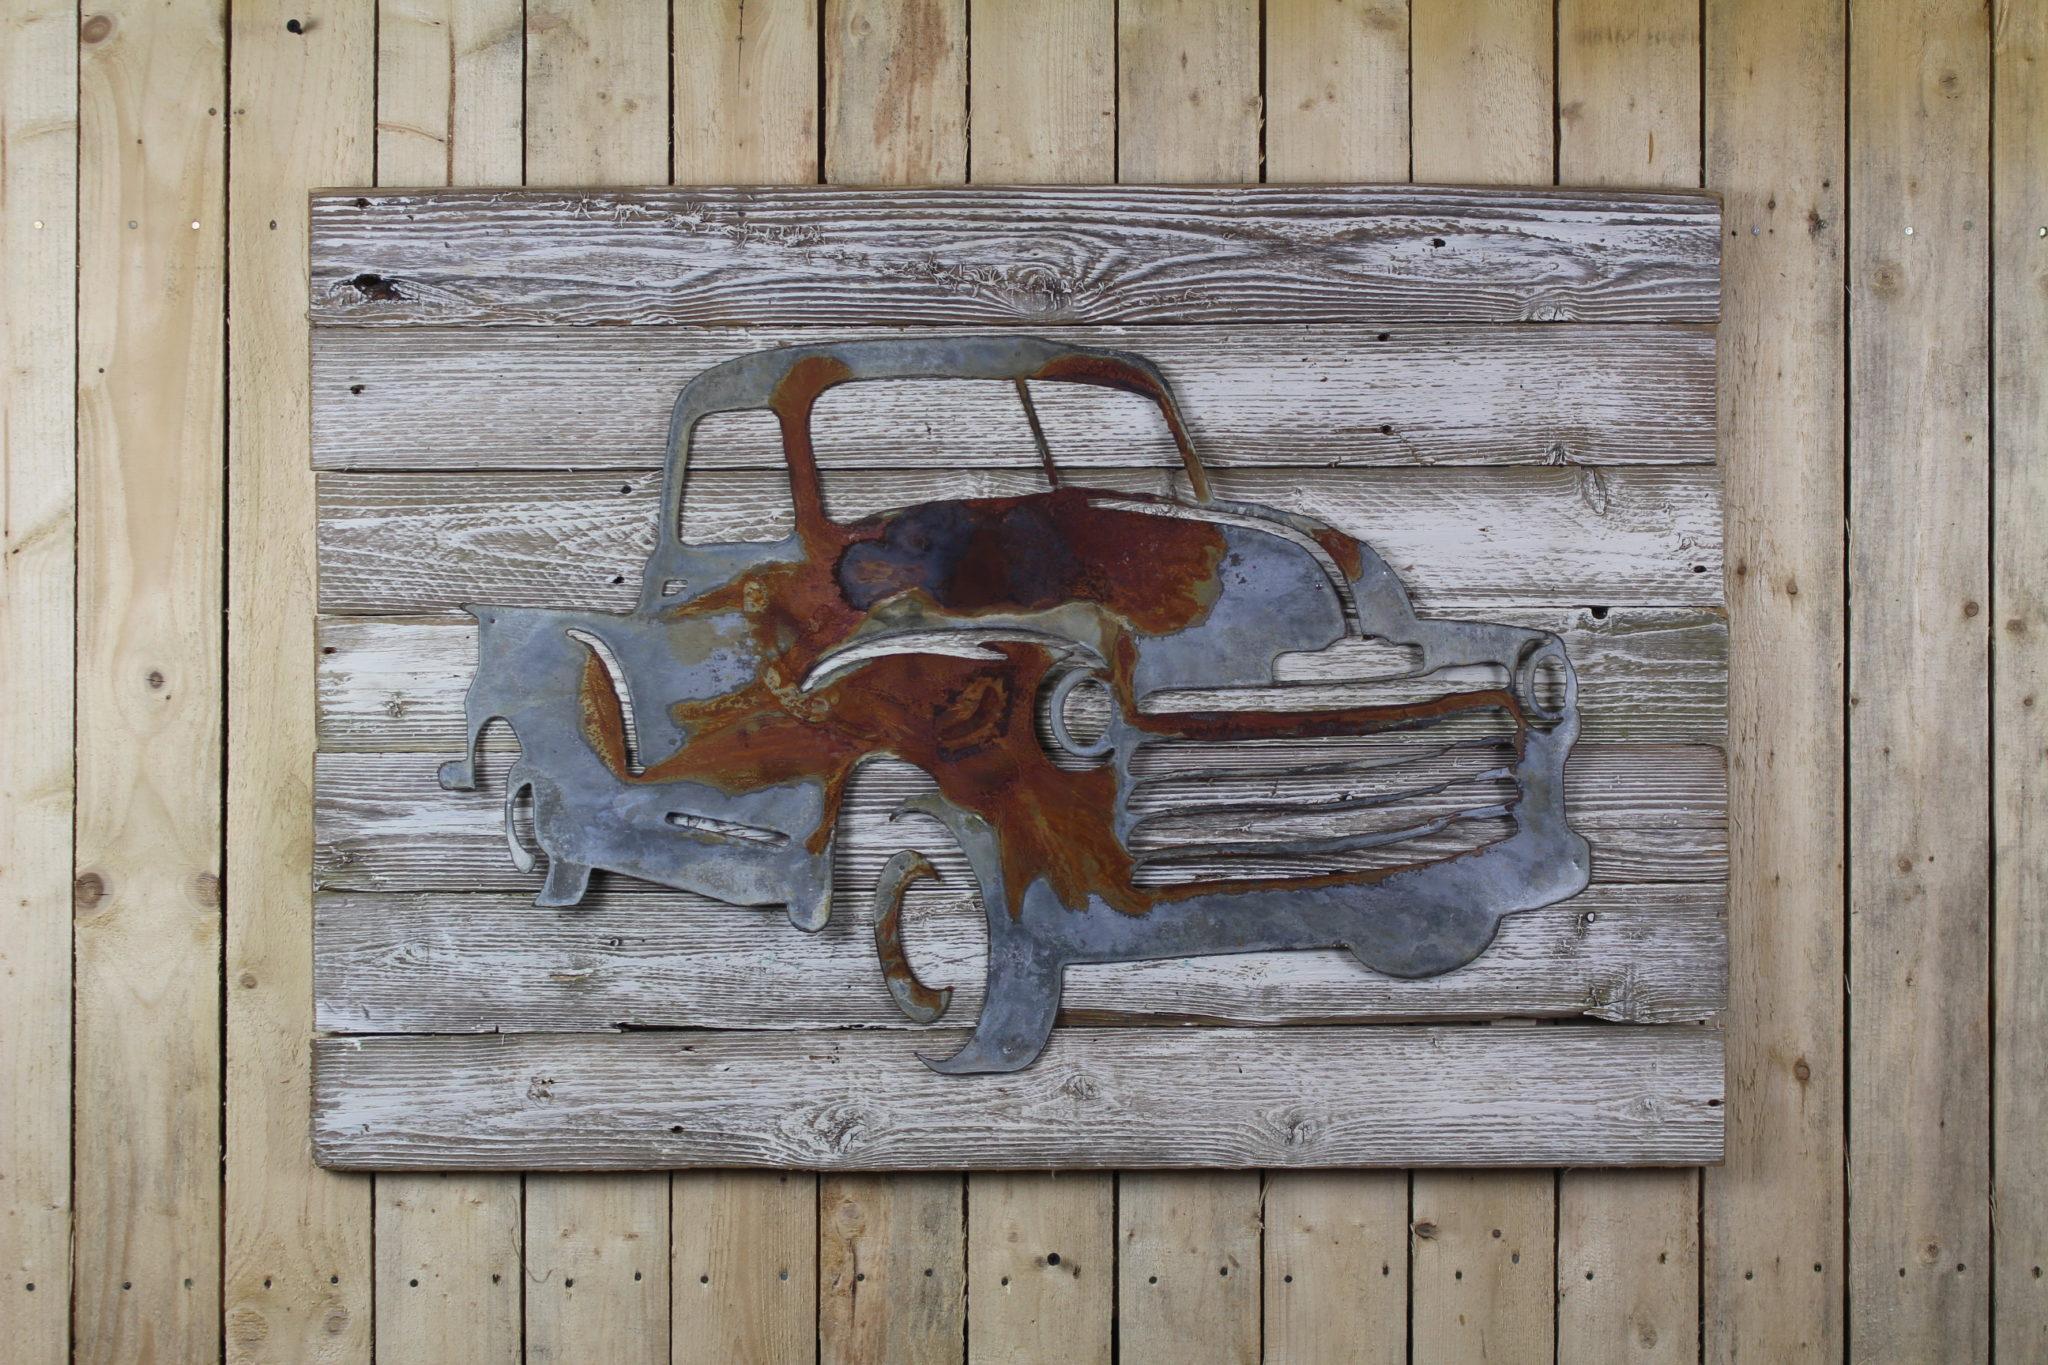 Rustic car decor